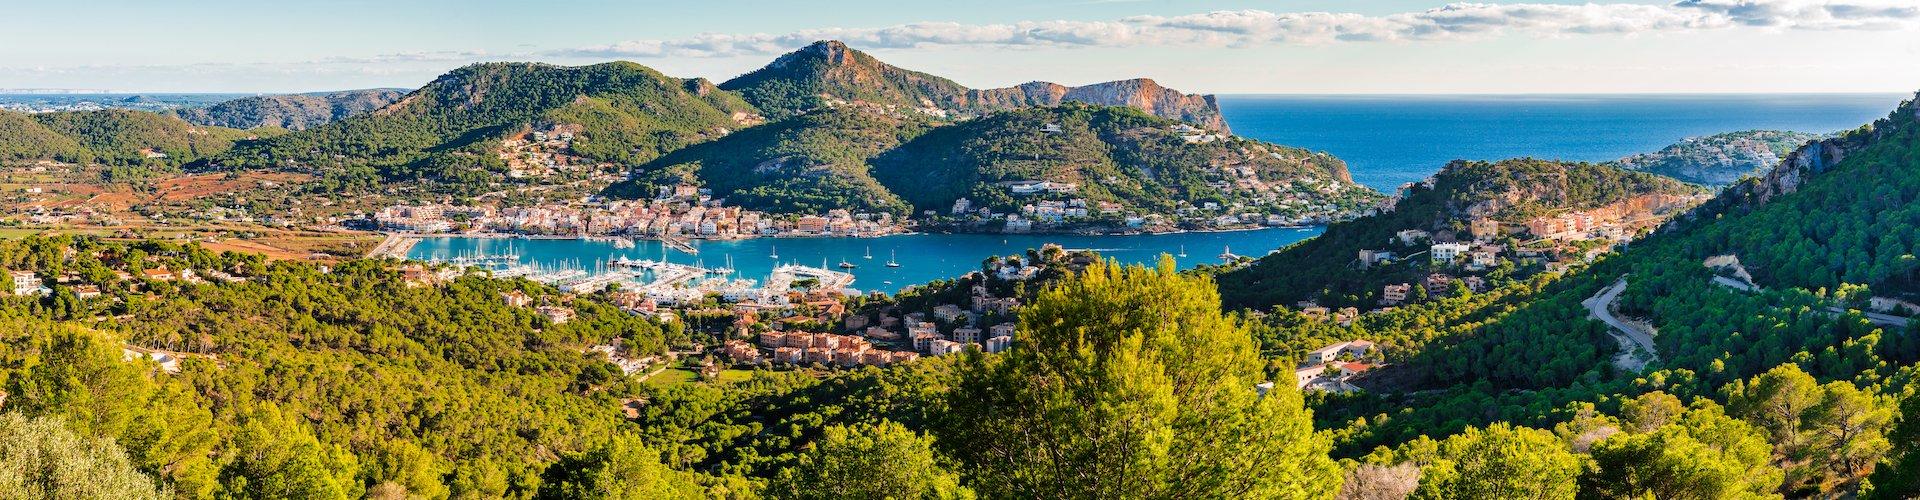 10 gute Gründe für Mallorca